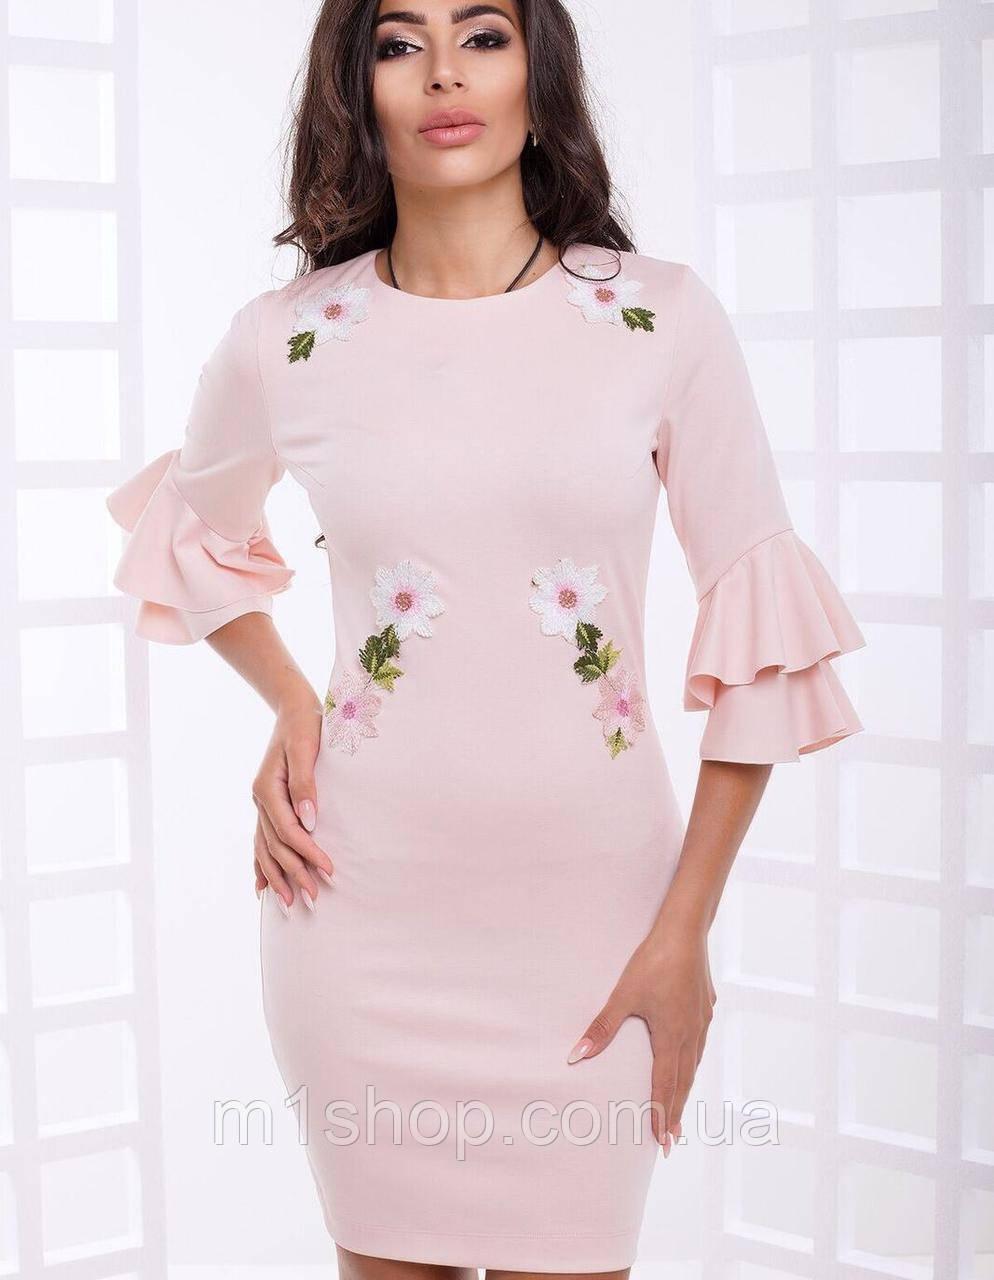 Красивое женское платье с воланами на рукавах (Орнелла lzn)